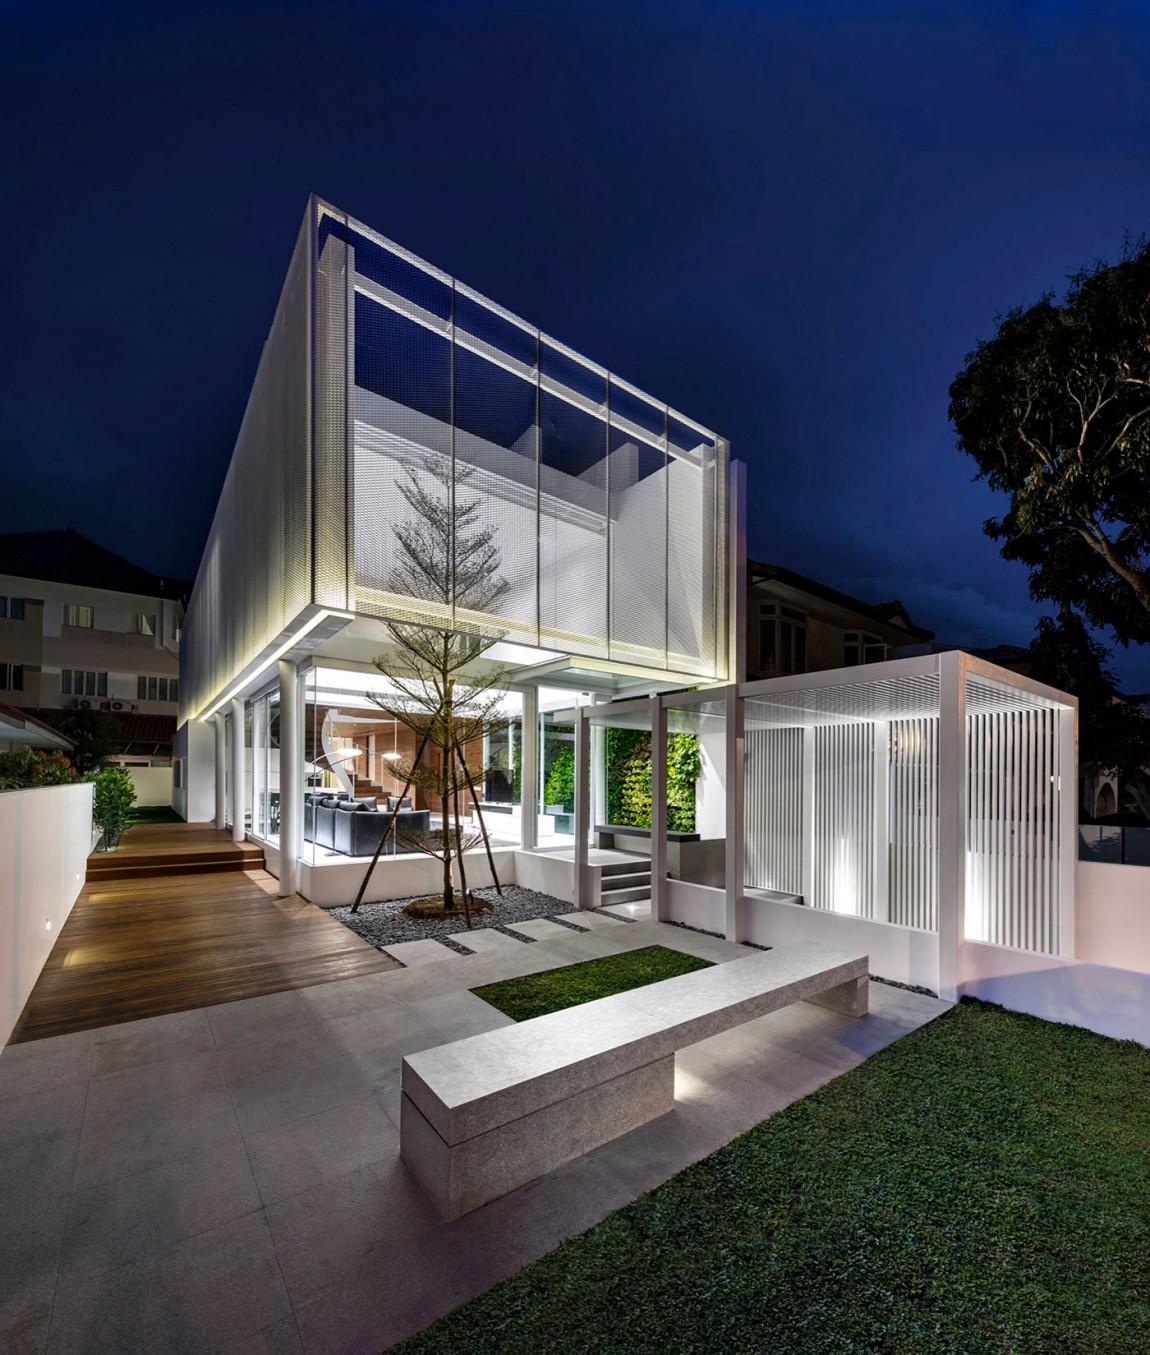 Nhà đẹp nước ngoài - greja house - 9